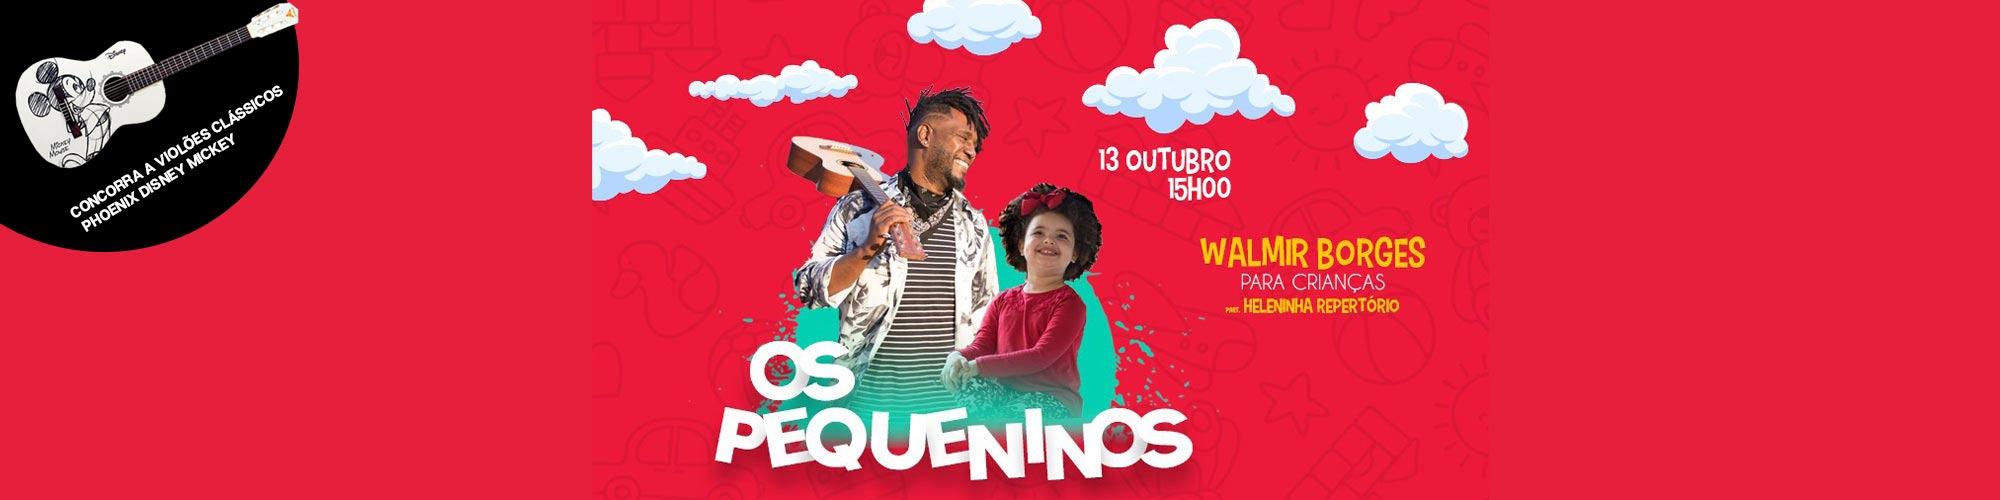 Com sorteio de violões, show de Walmir Borges e Heleninha Repertório acontece neste sábado (13/10)